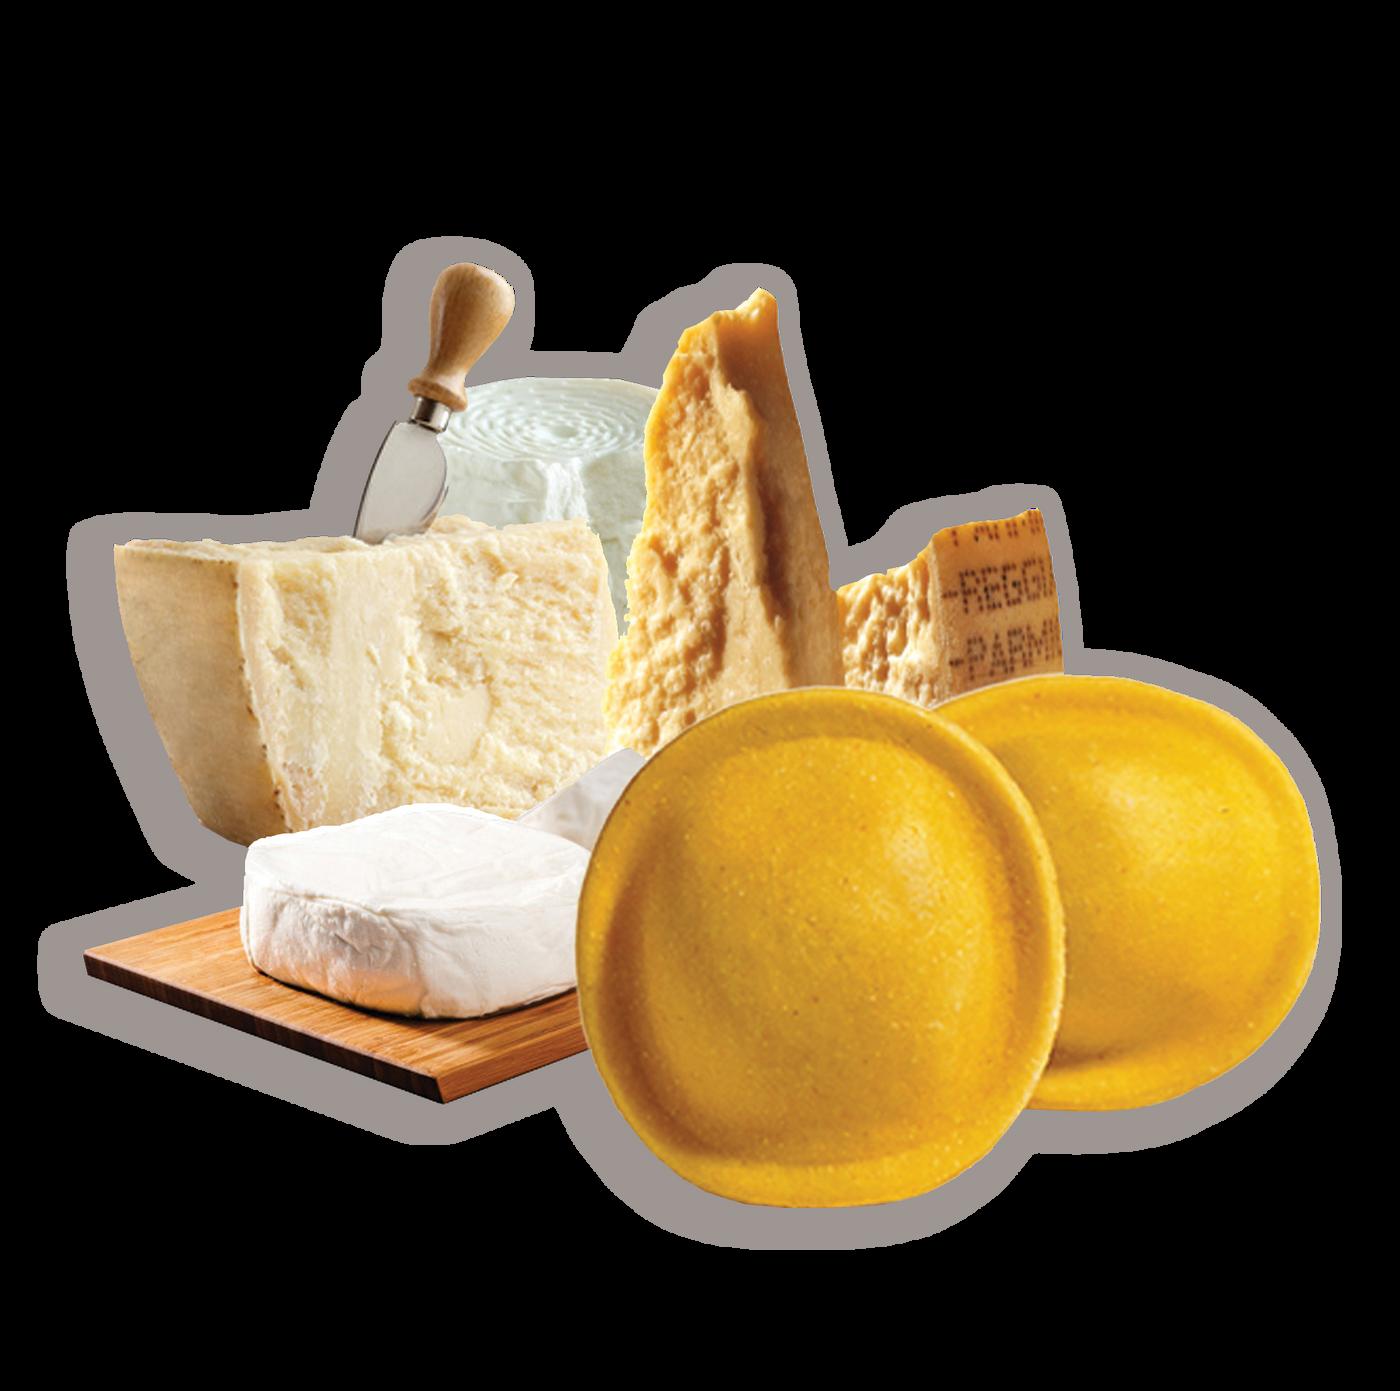 Lunette a los 4 quesos precocido